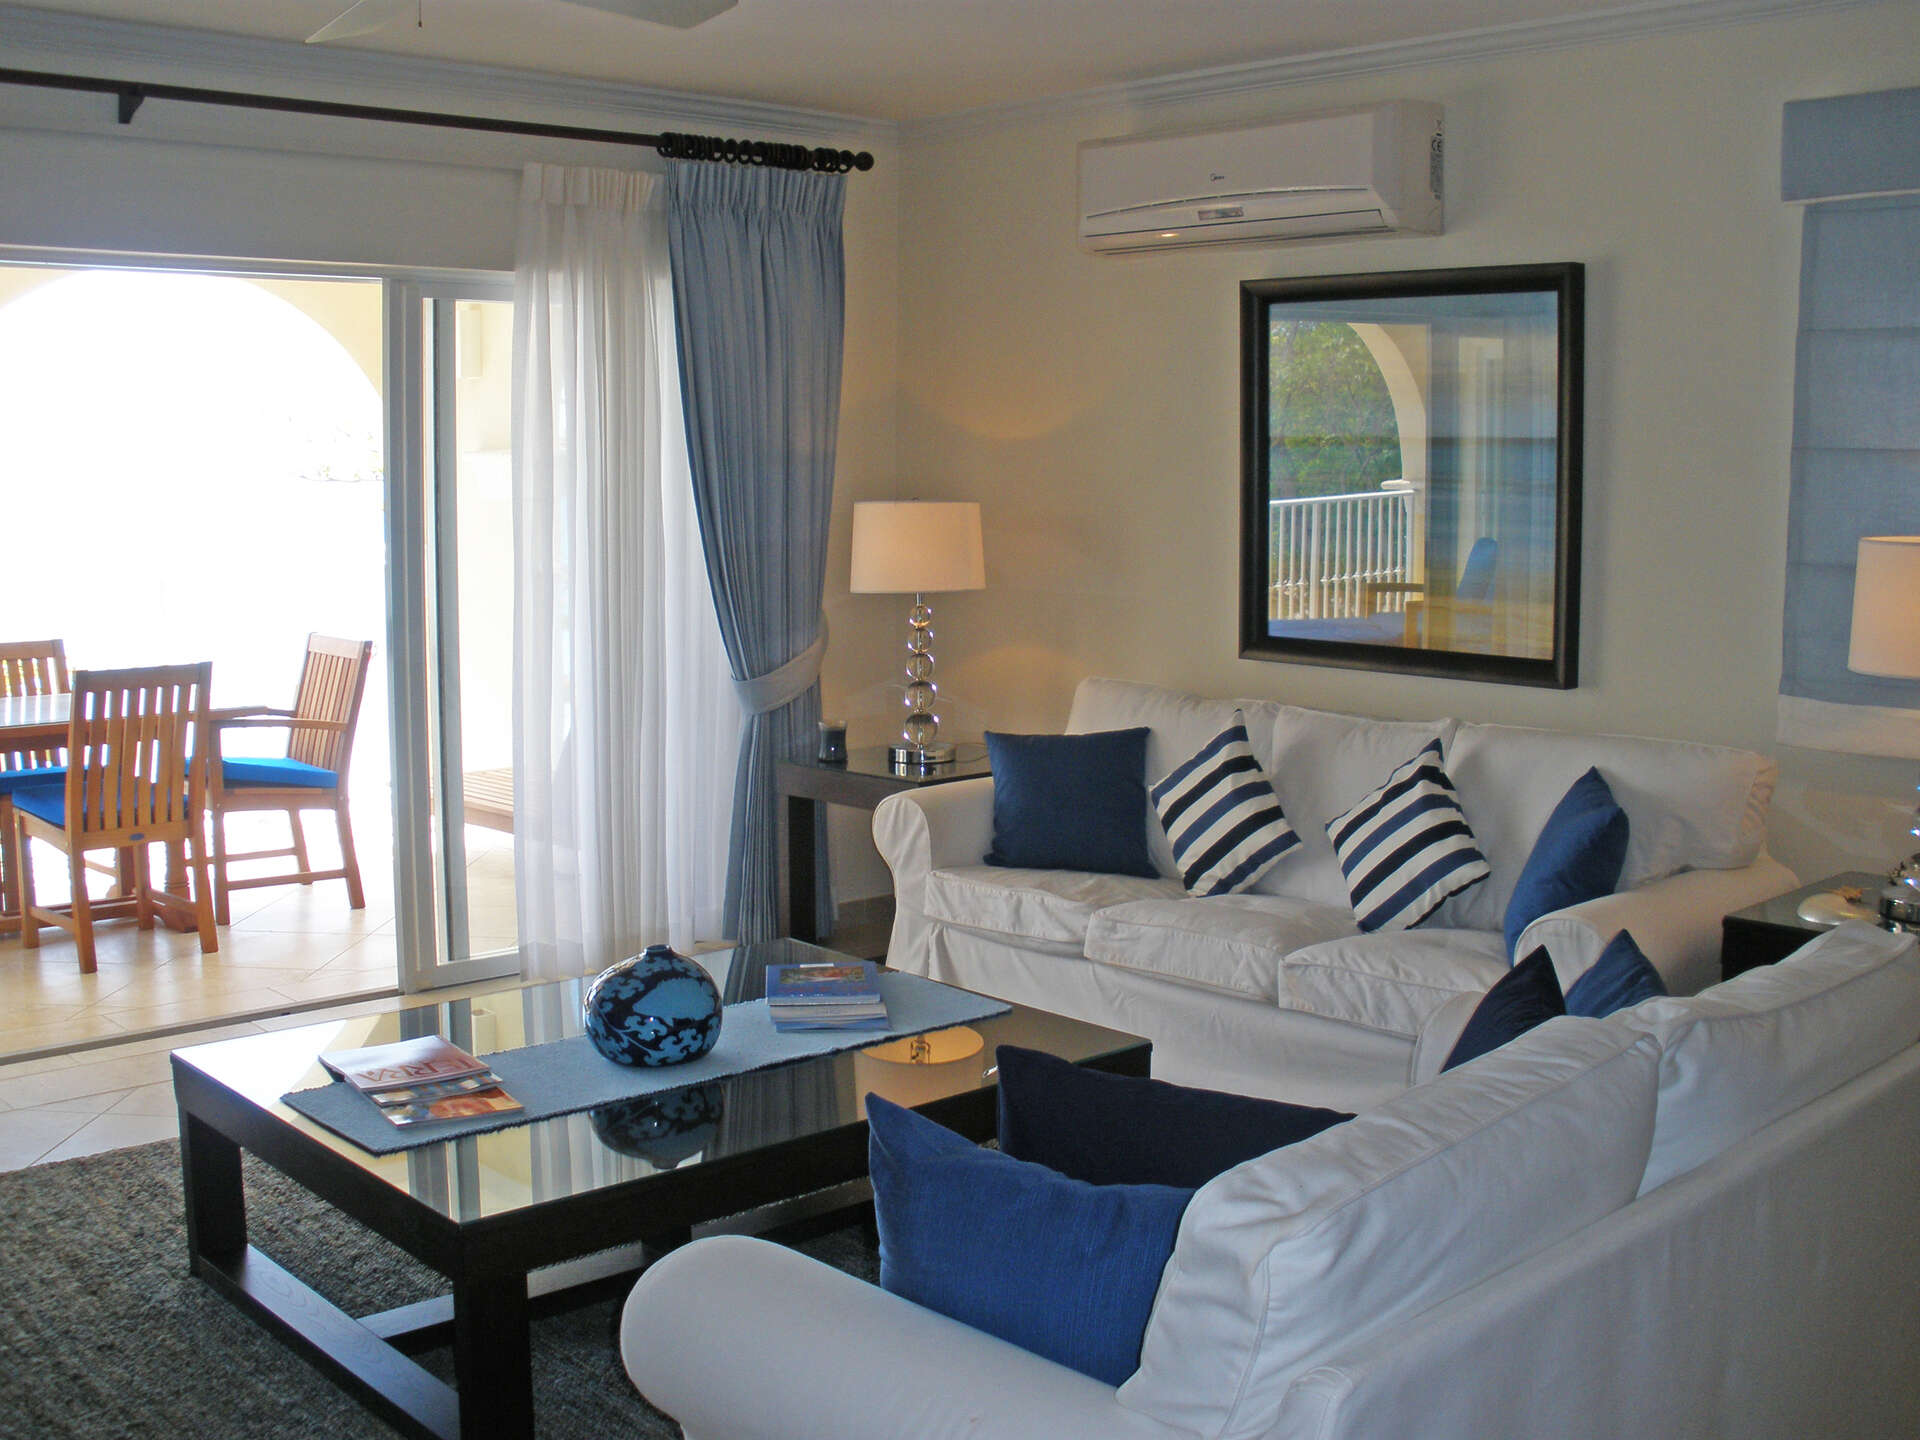 Luxury villa rentals caribbean - Barbados - Christ church - Sapphire beach condos - Sapphire Beach 201 - Image 1/12